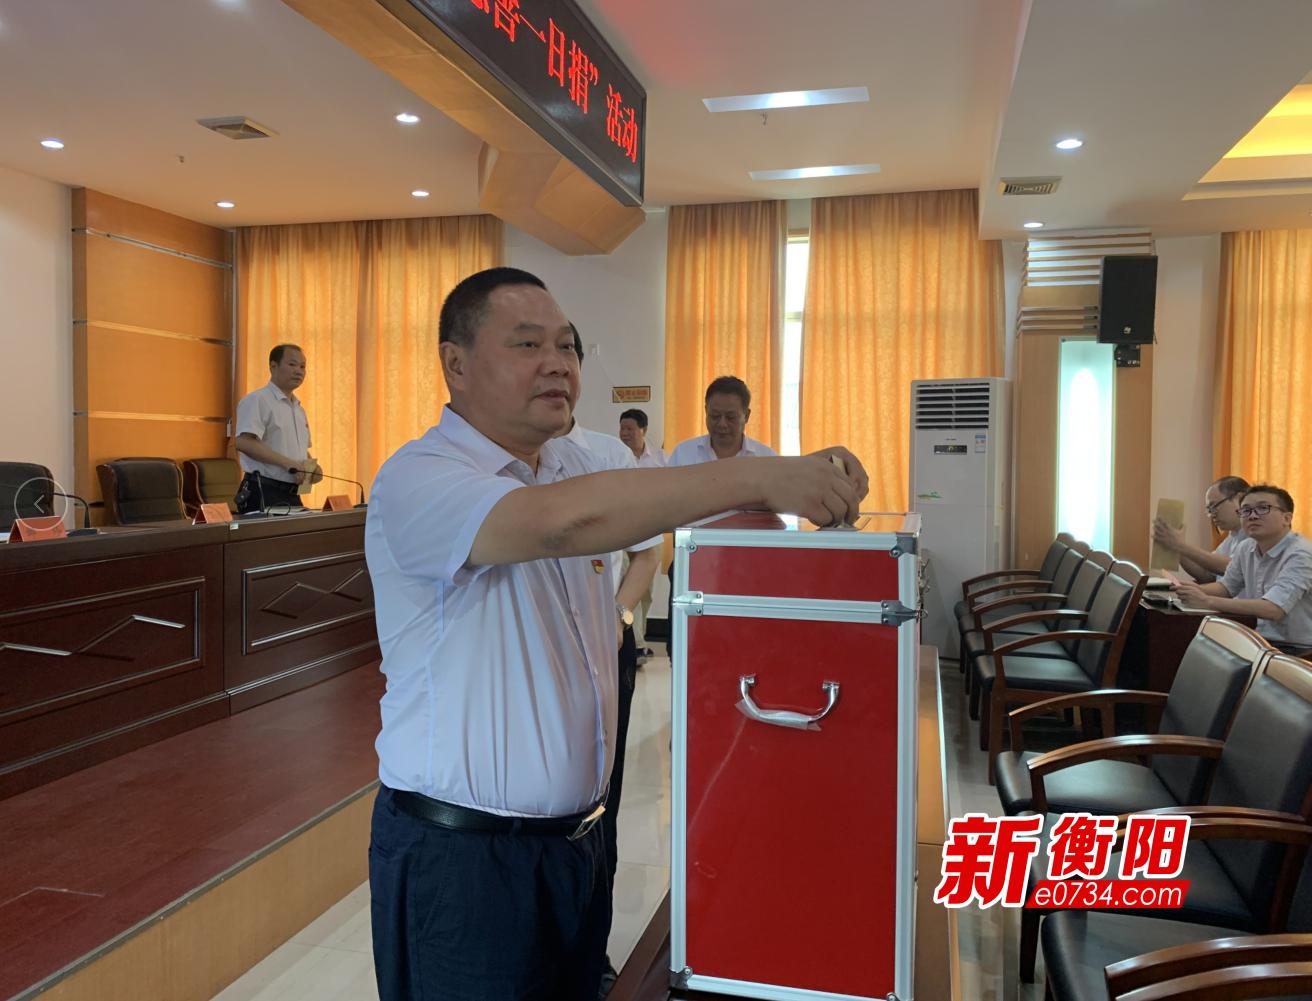 衡阳市应急管理局募集善款10万余元支援抗洪救灾